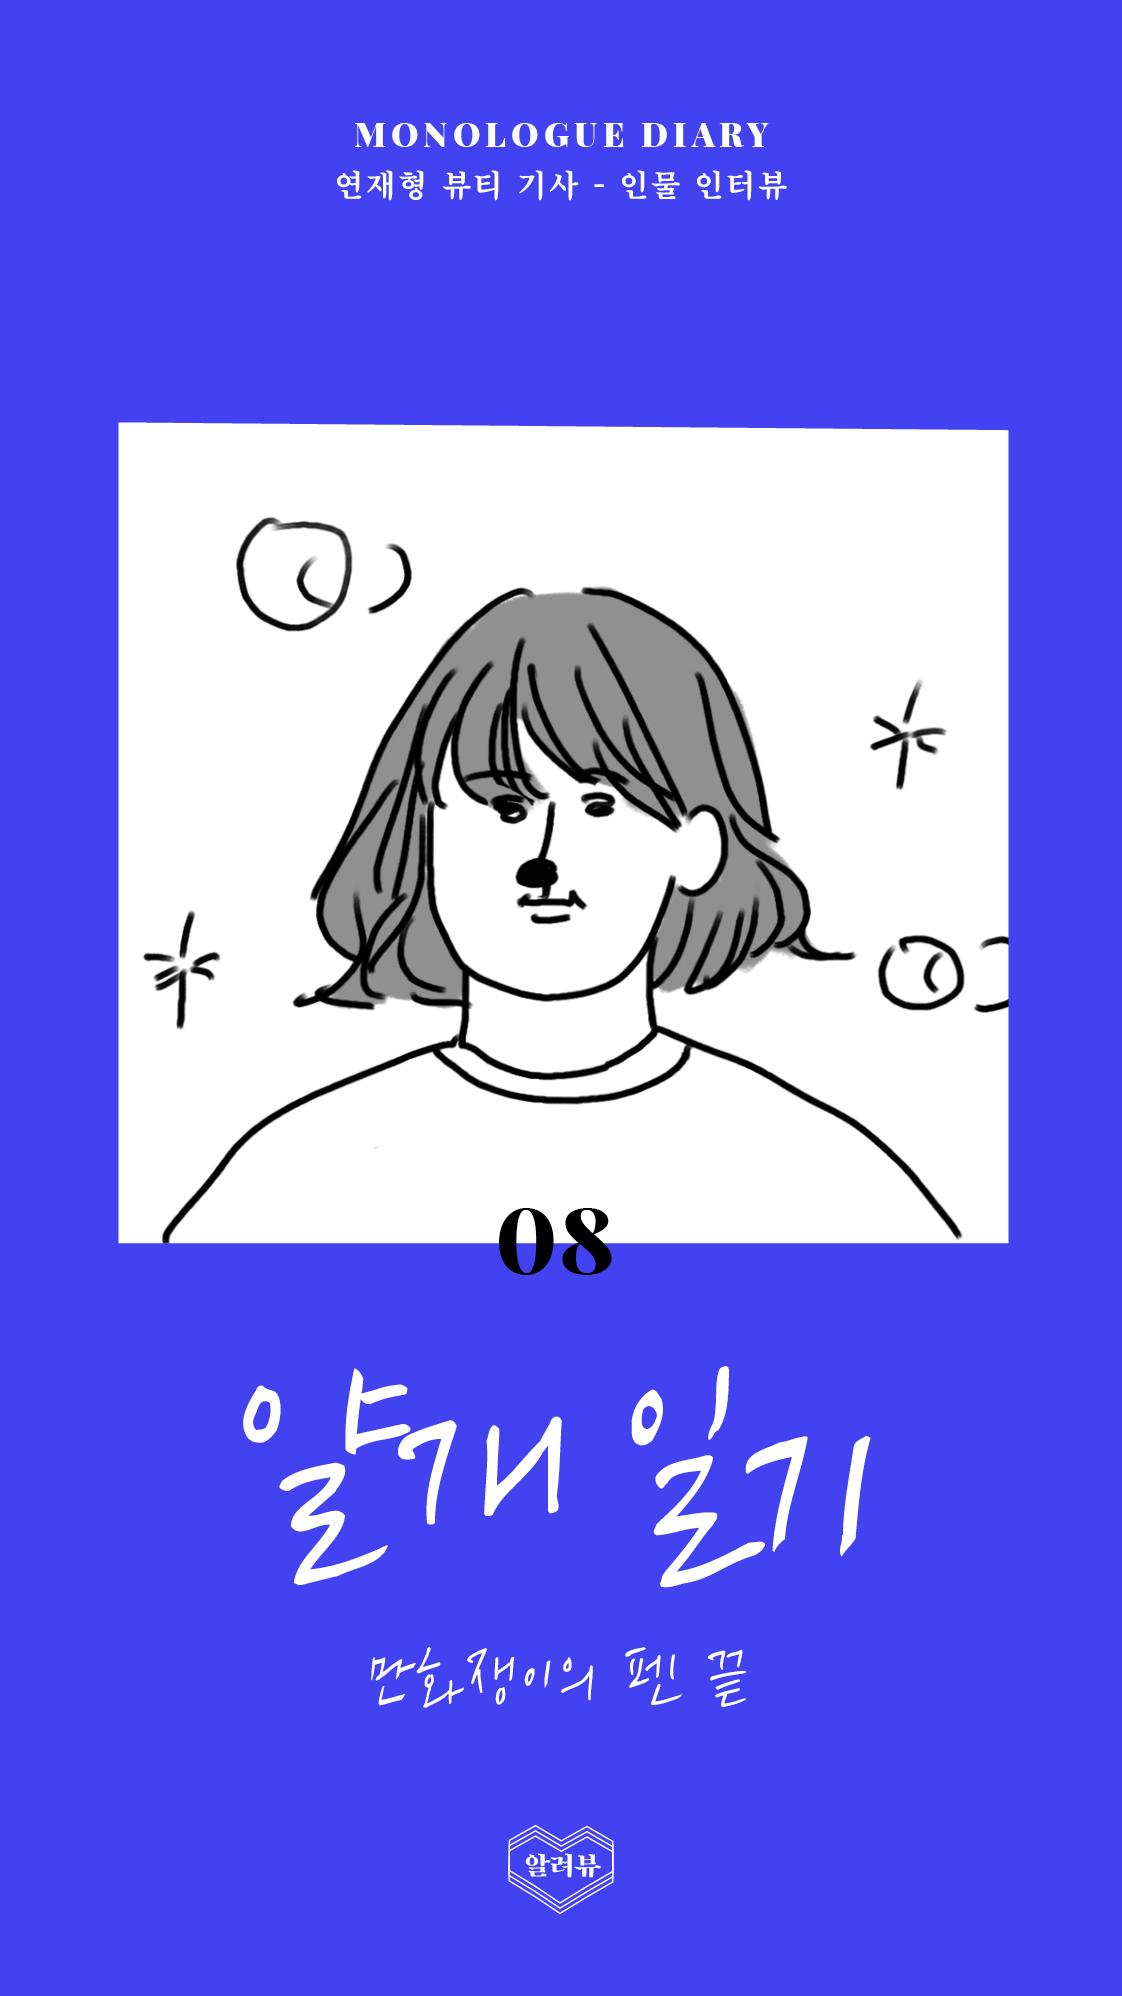 [알려뷰] 얄개 주인장 일기 - 인스타에서만 보던 ...